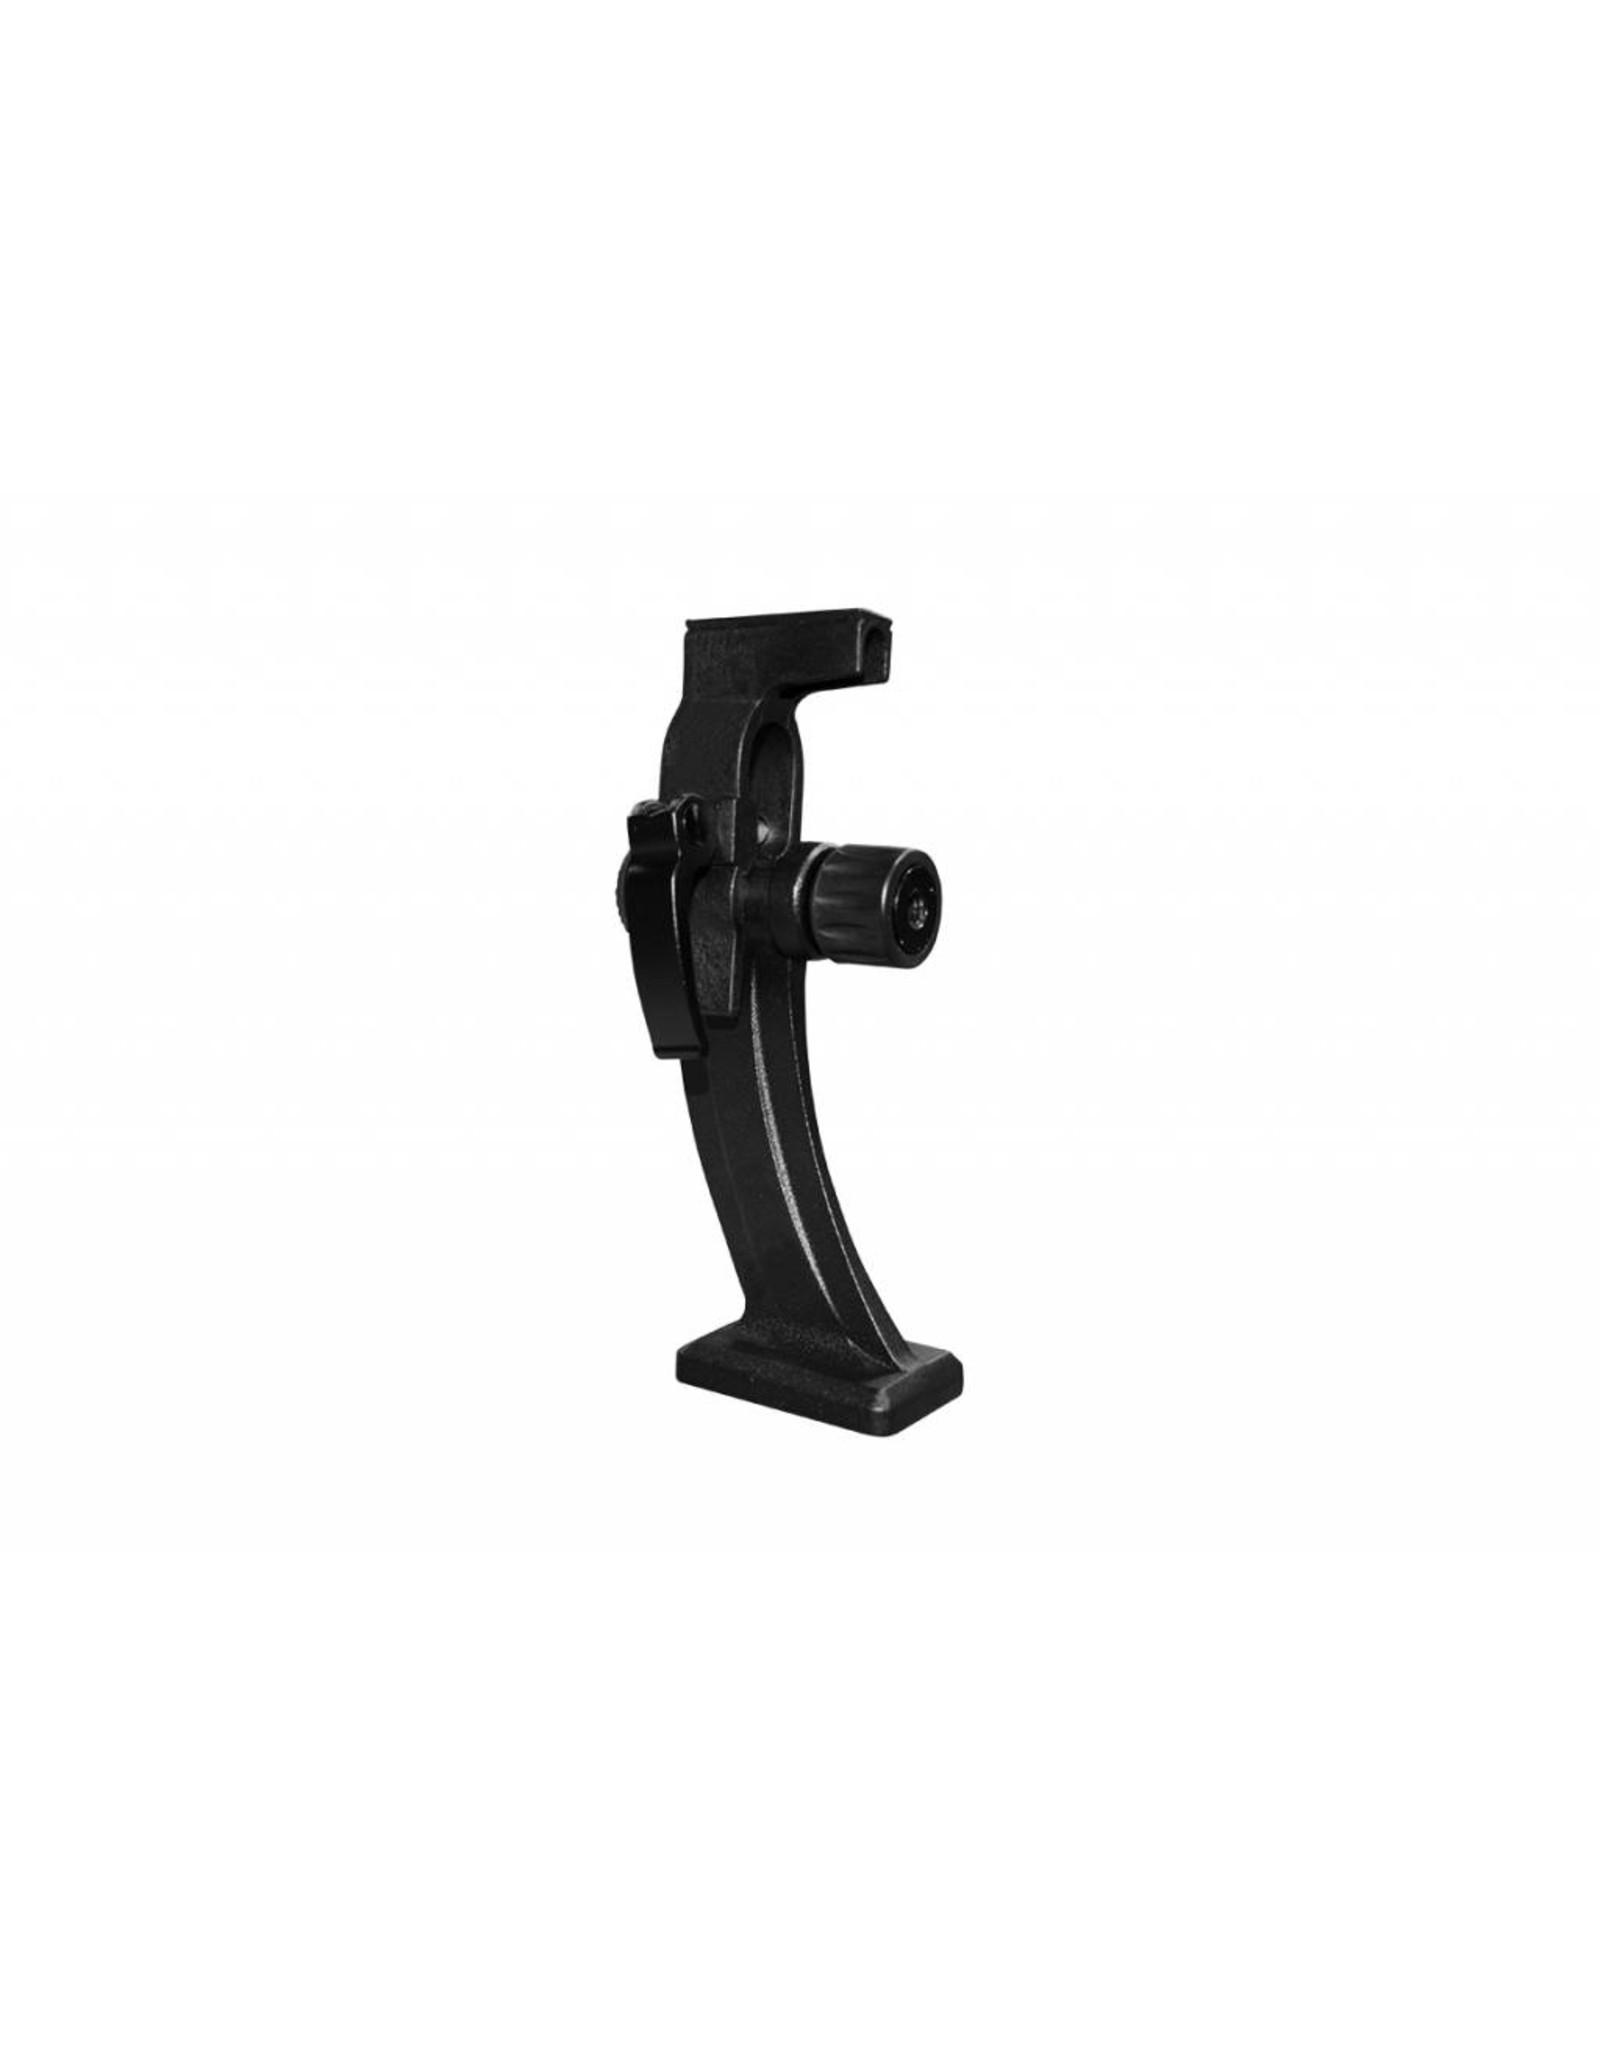 Celestron Celestron RSR Binocular Tripod Adapter